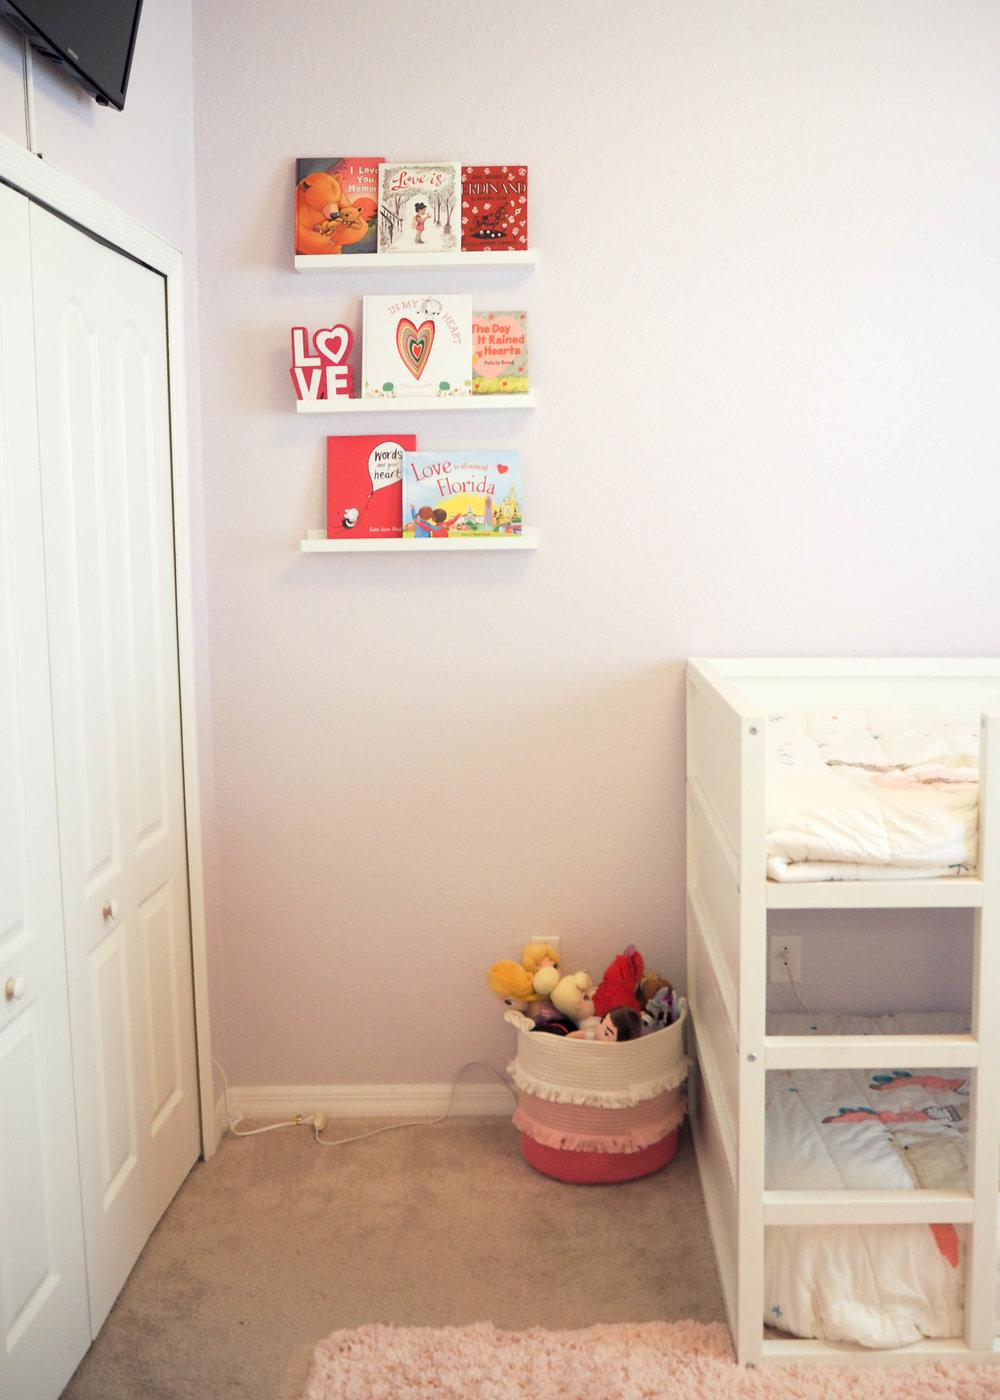 Bookshelves from my last post